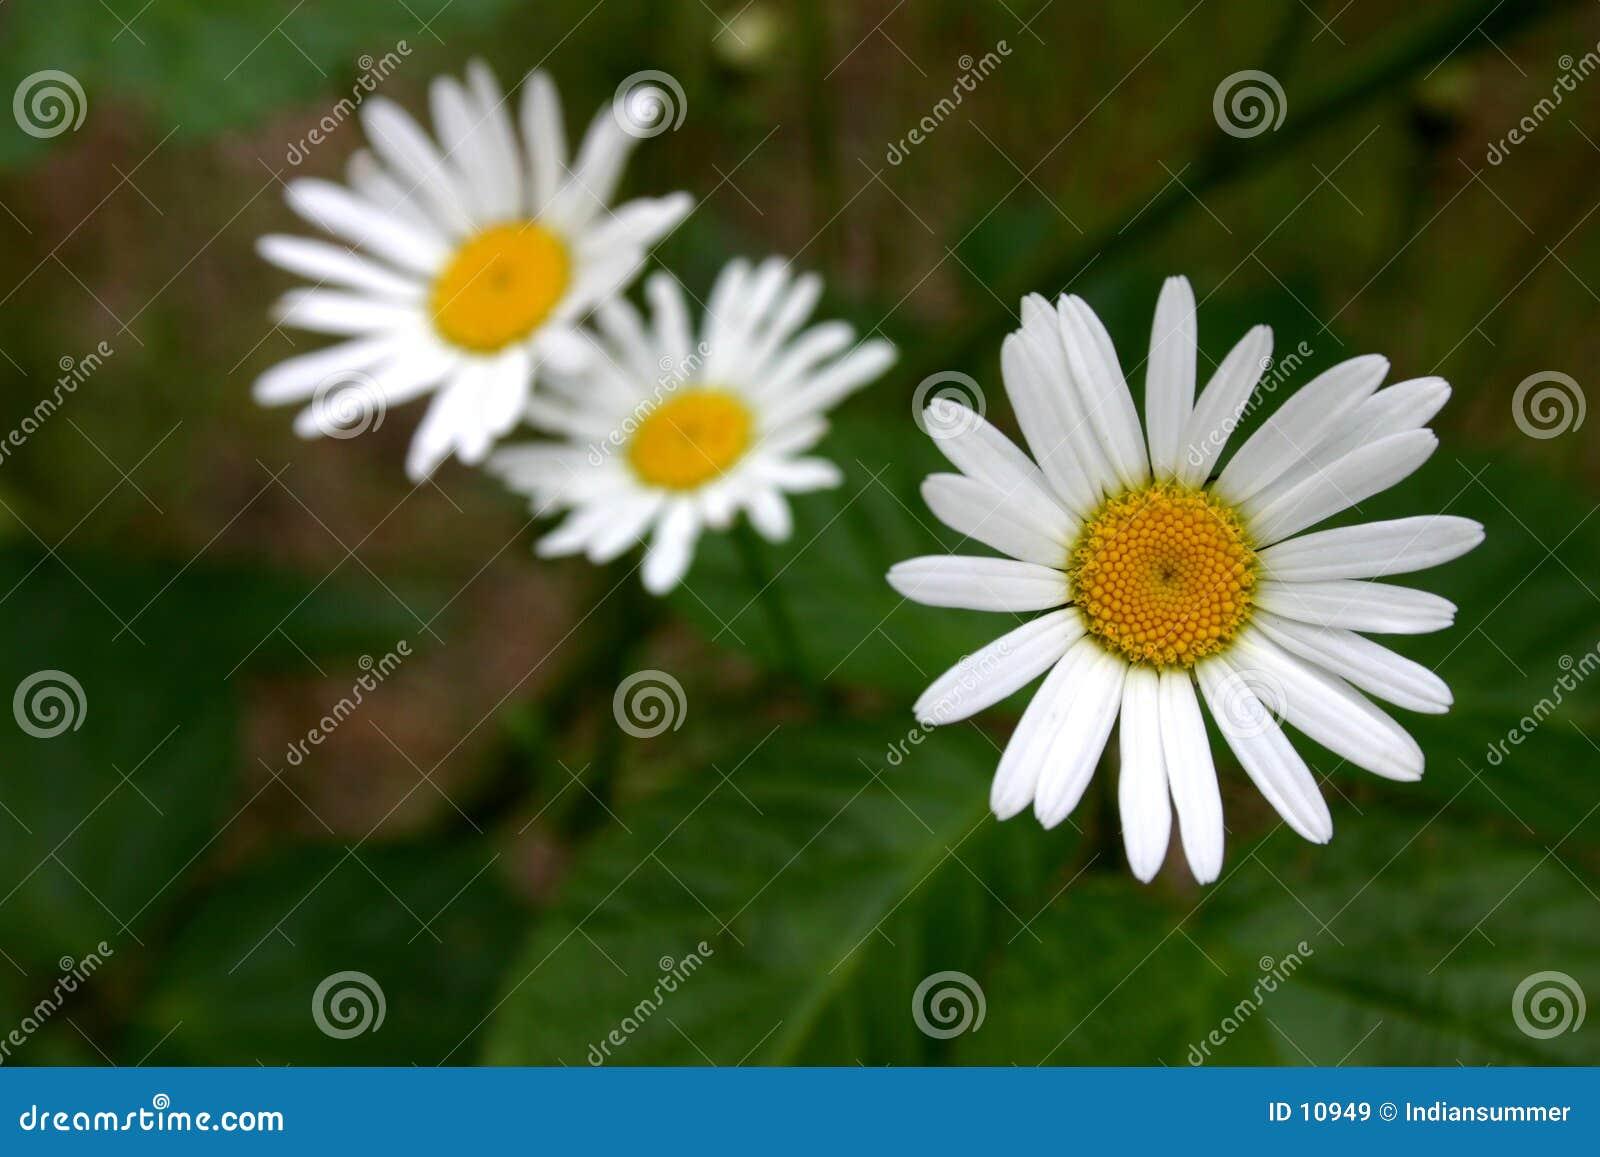 Drie bloemen